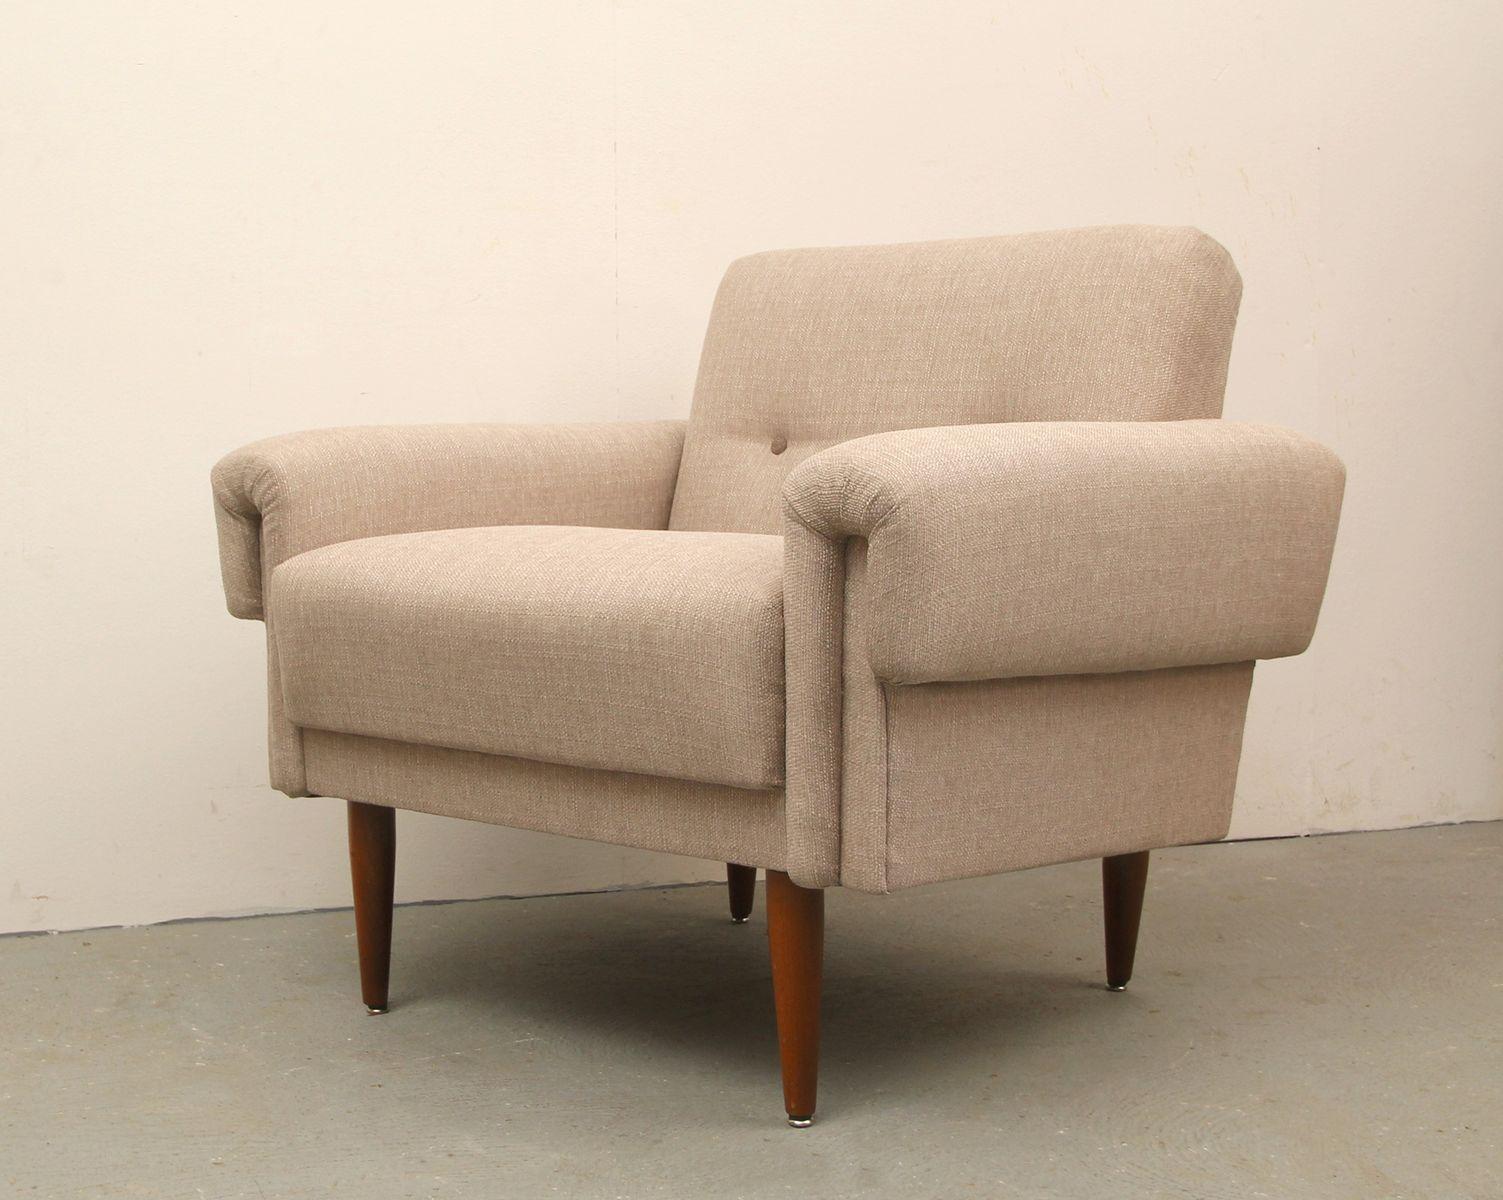 deutscher beiger sessel 1950er bei pamono kaufen. Black Bedroom Furniture Sets. Home Design Ideas